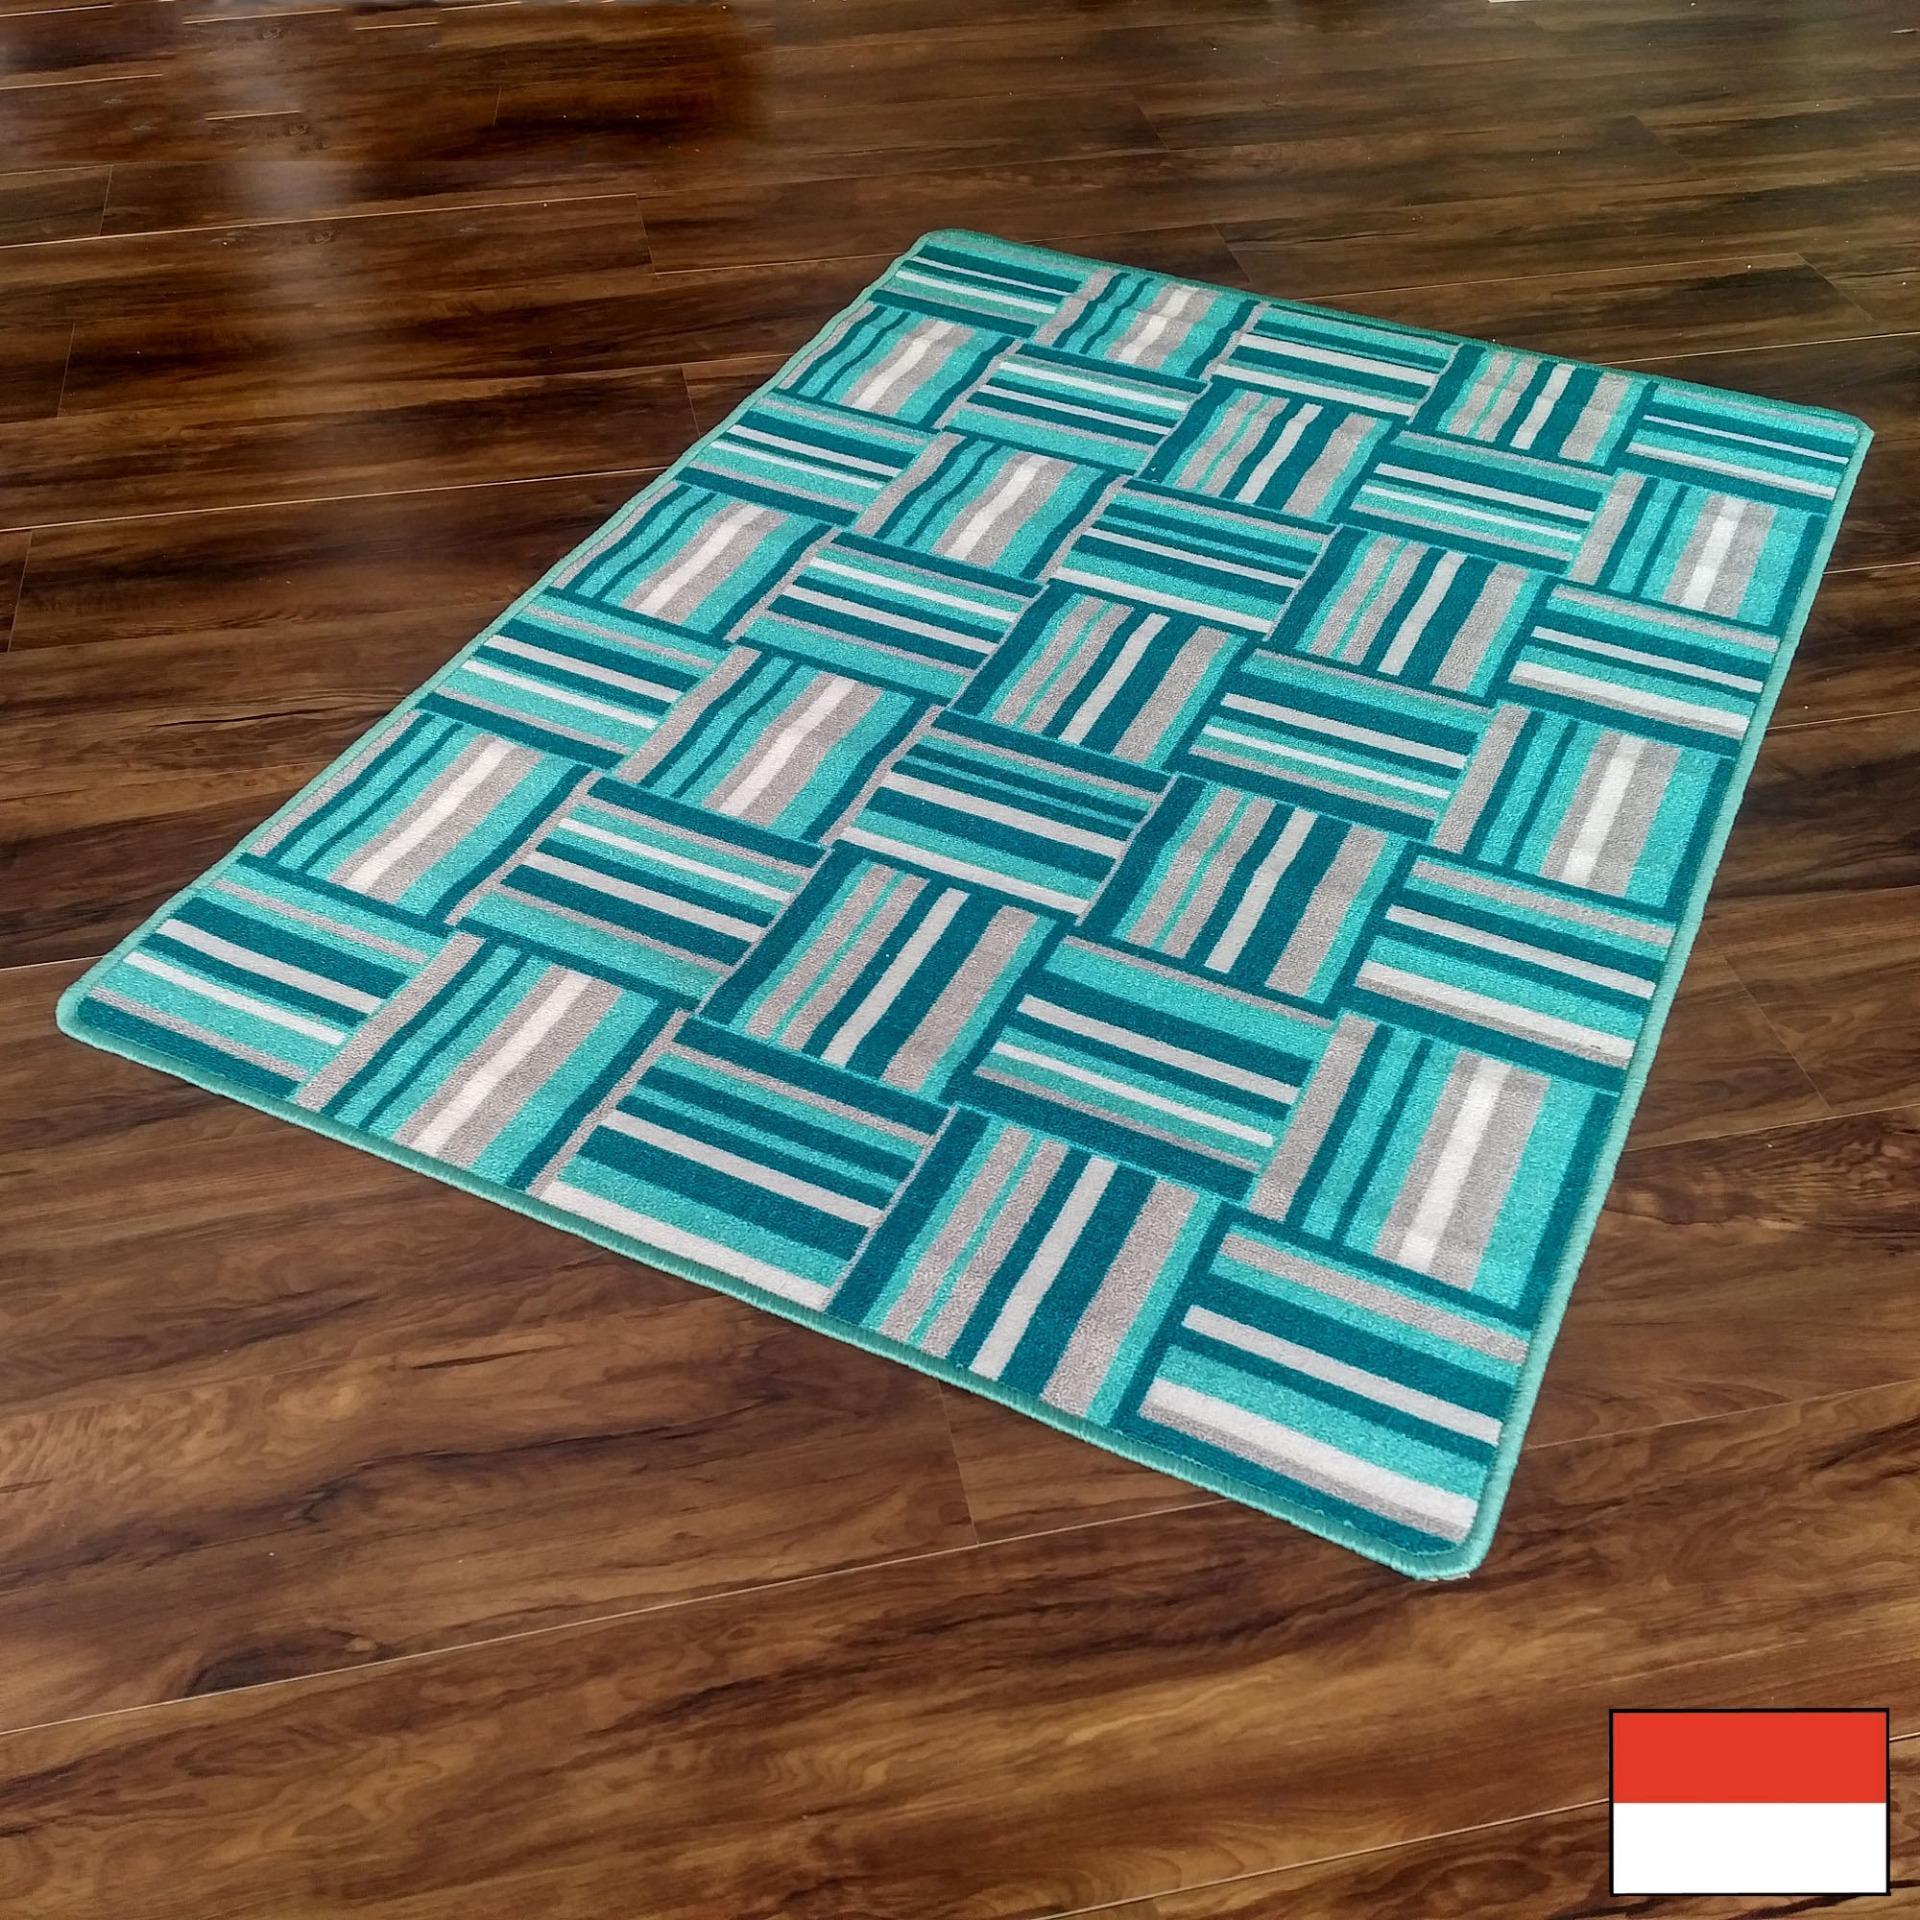 Tren-D-rugs Karpet Permadani Kamar Tidur / Ruang Tamu 100 cm x 140 cm, Bedroom / Living Room Carpet - New Collection Tile